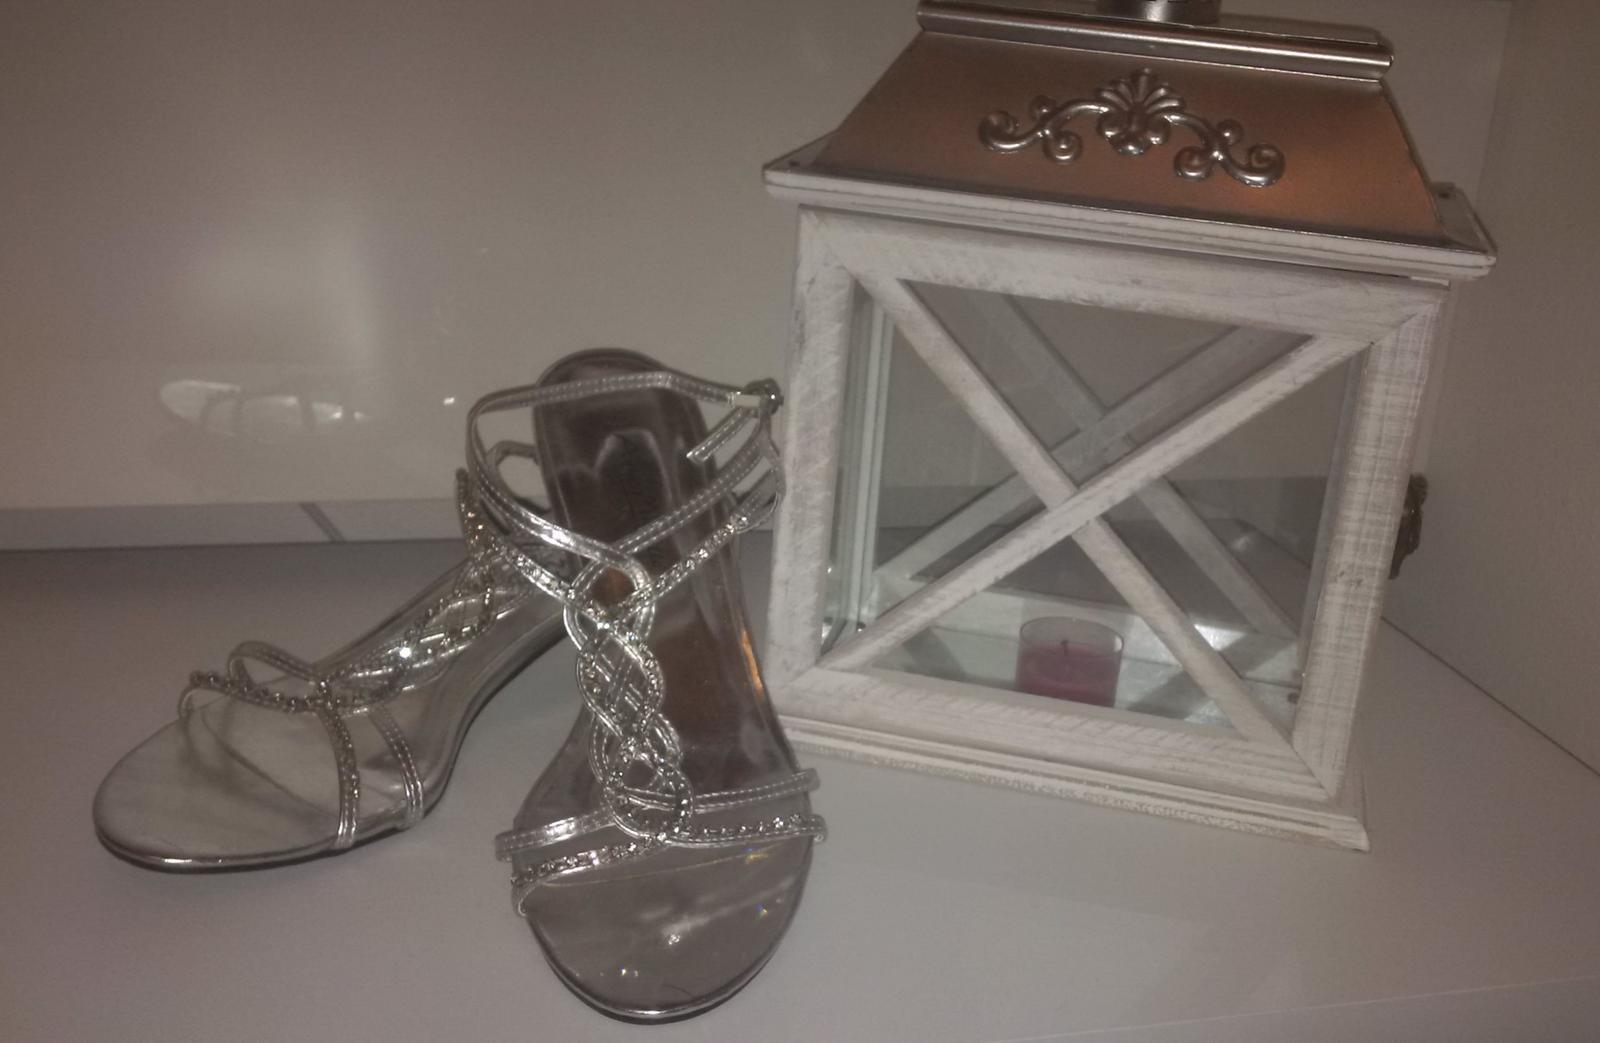 bcf074c836d Luxusní stříbrné střevíčky s kamínky